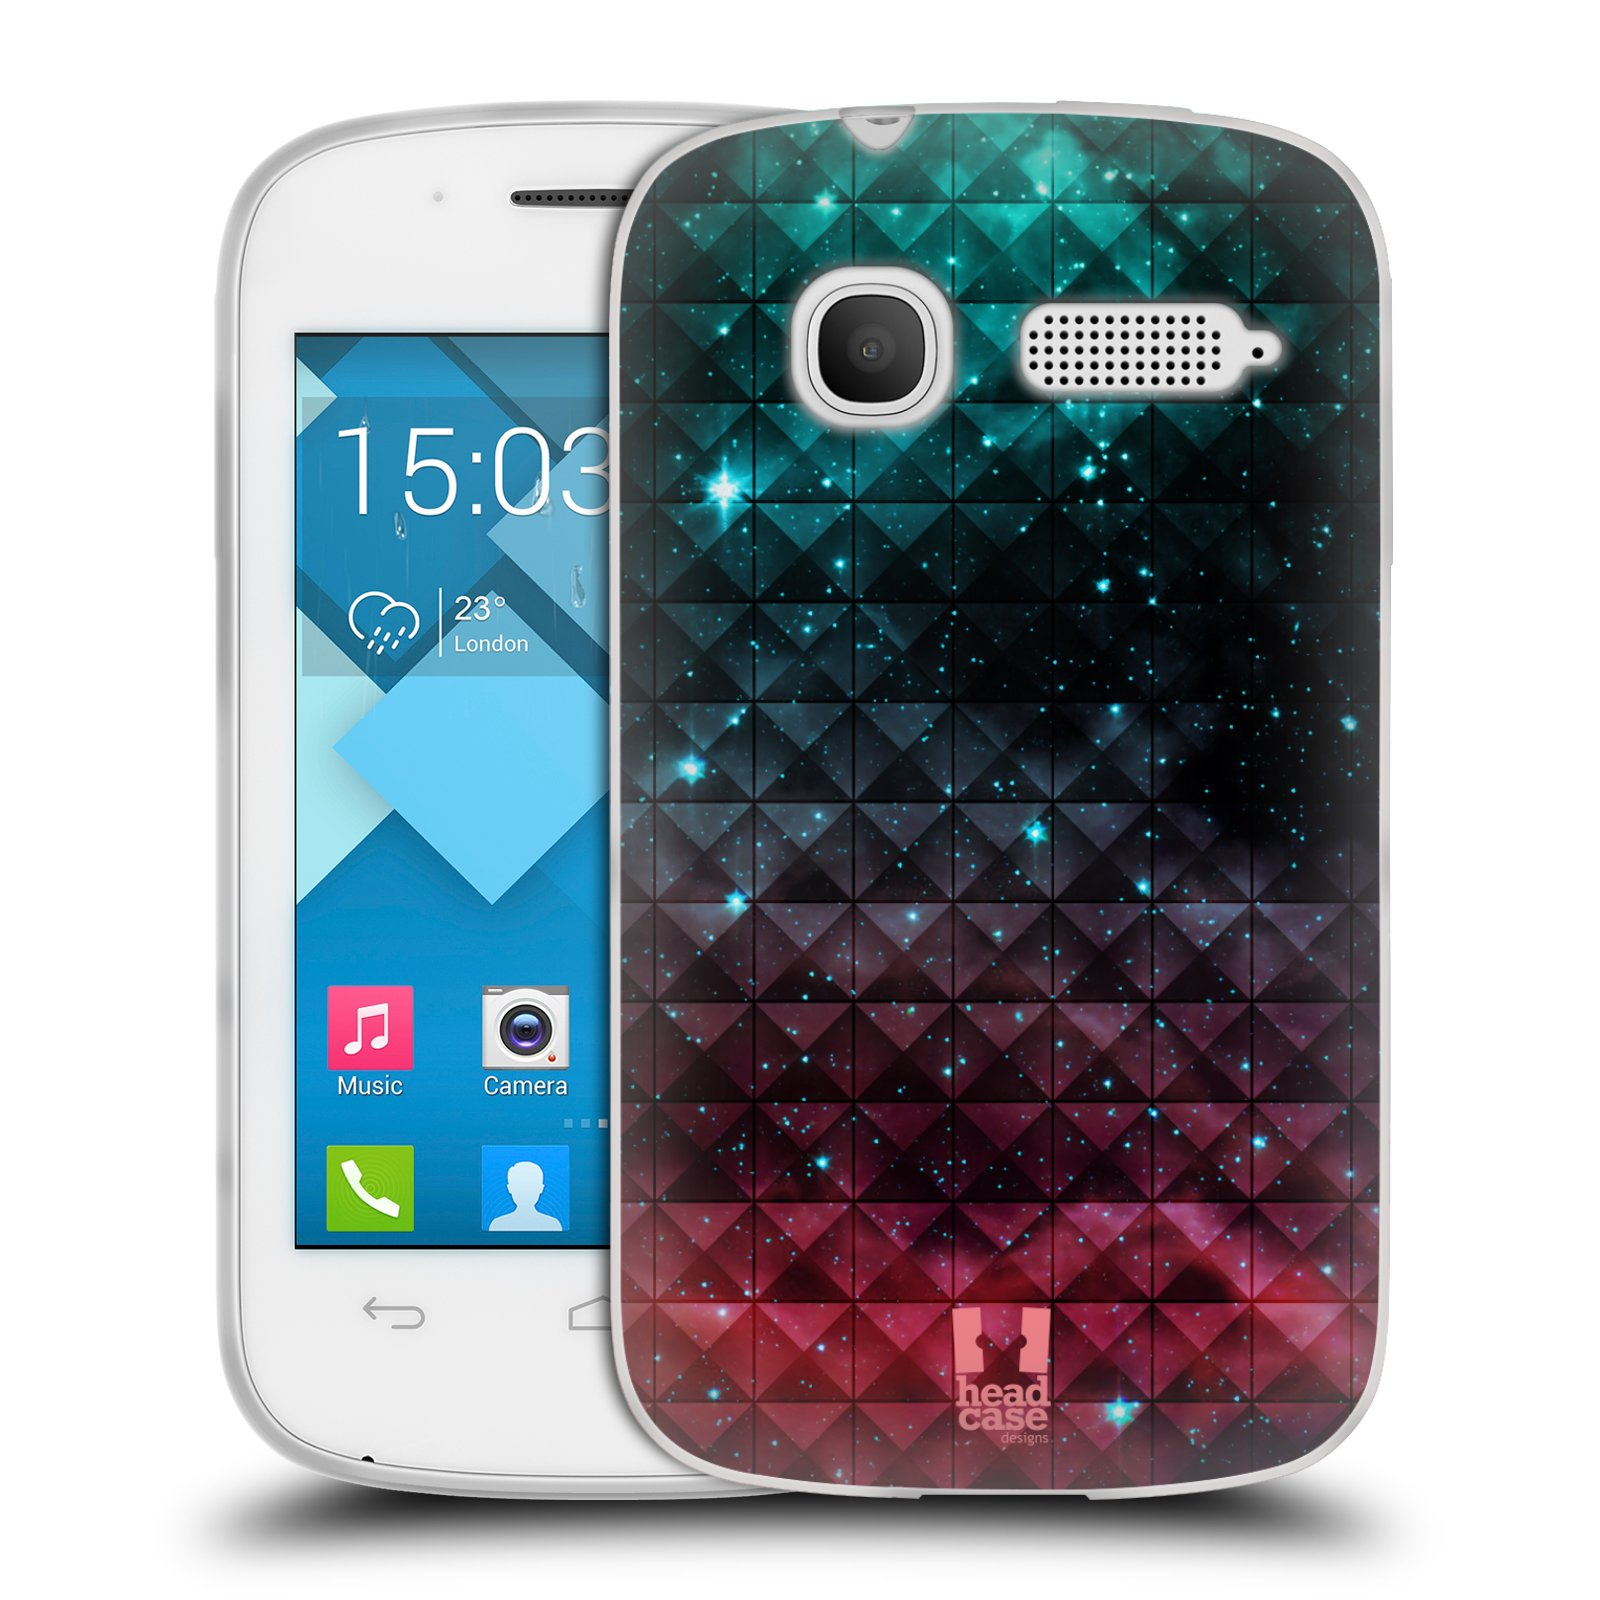 Silikonové pouzdro na mobil Alcatel One Touch Pop C1 HEAD CASE OMBRE SPARKLE (Silikonový kryt či obal na mobilní telefon Alcatel OT-4015D POP C1)